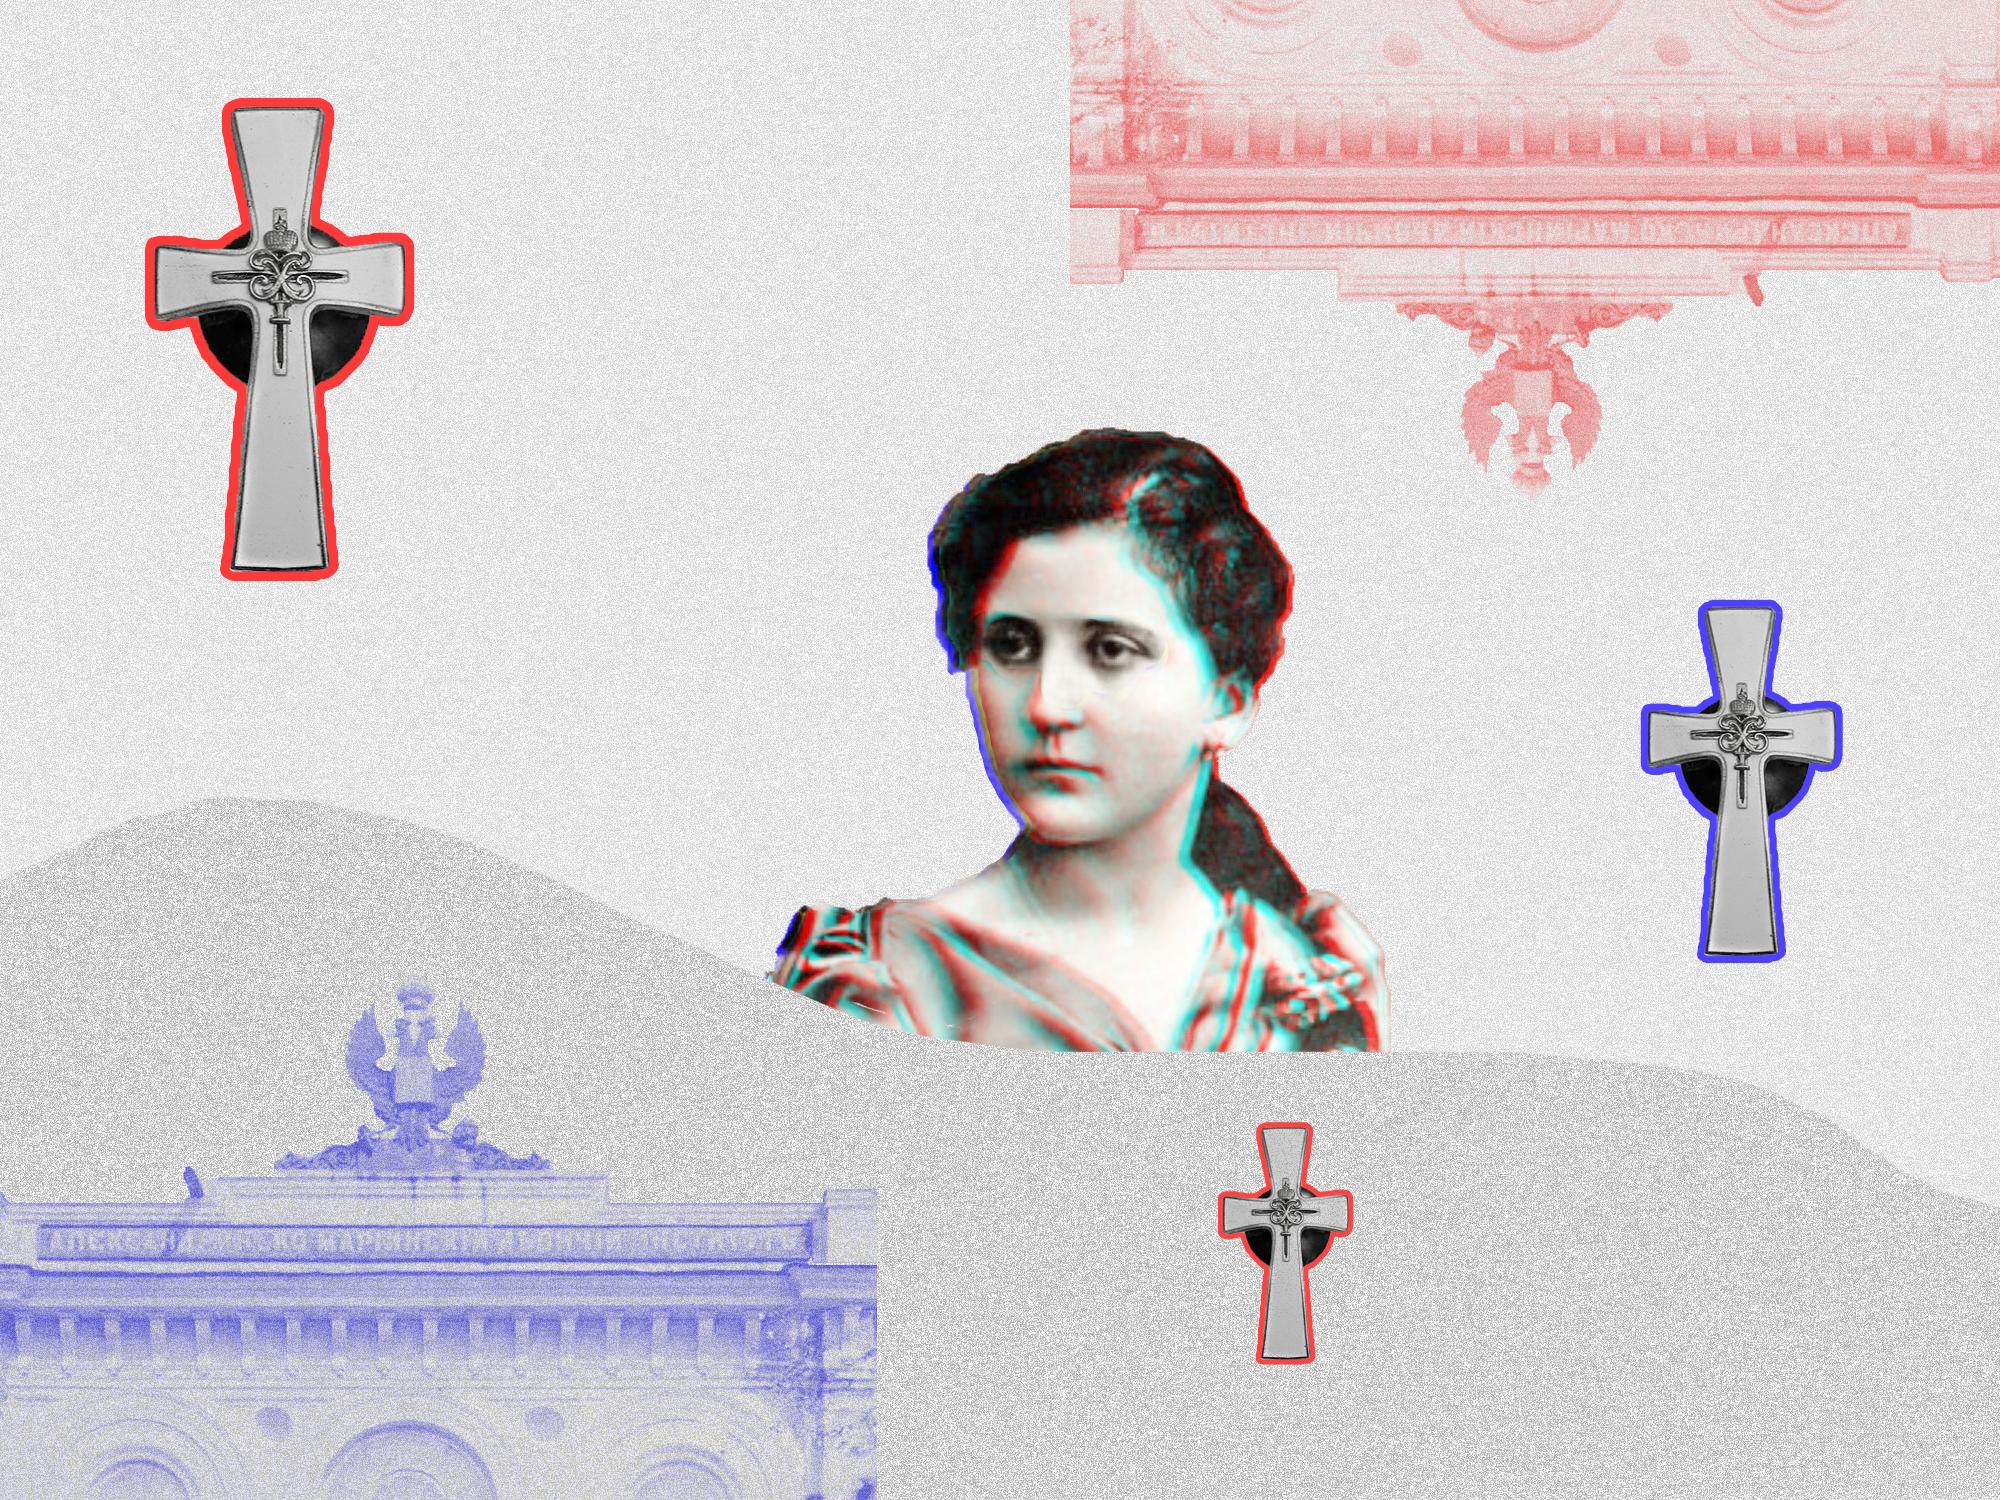 З Туреччини через Волинь: як дівчинка Айше стала дочкою імперського полку